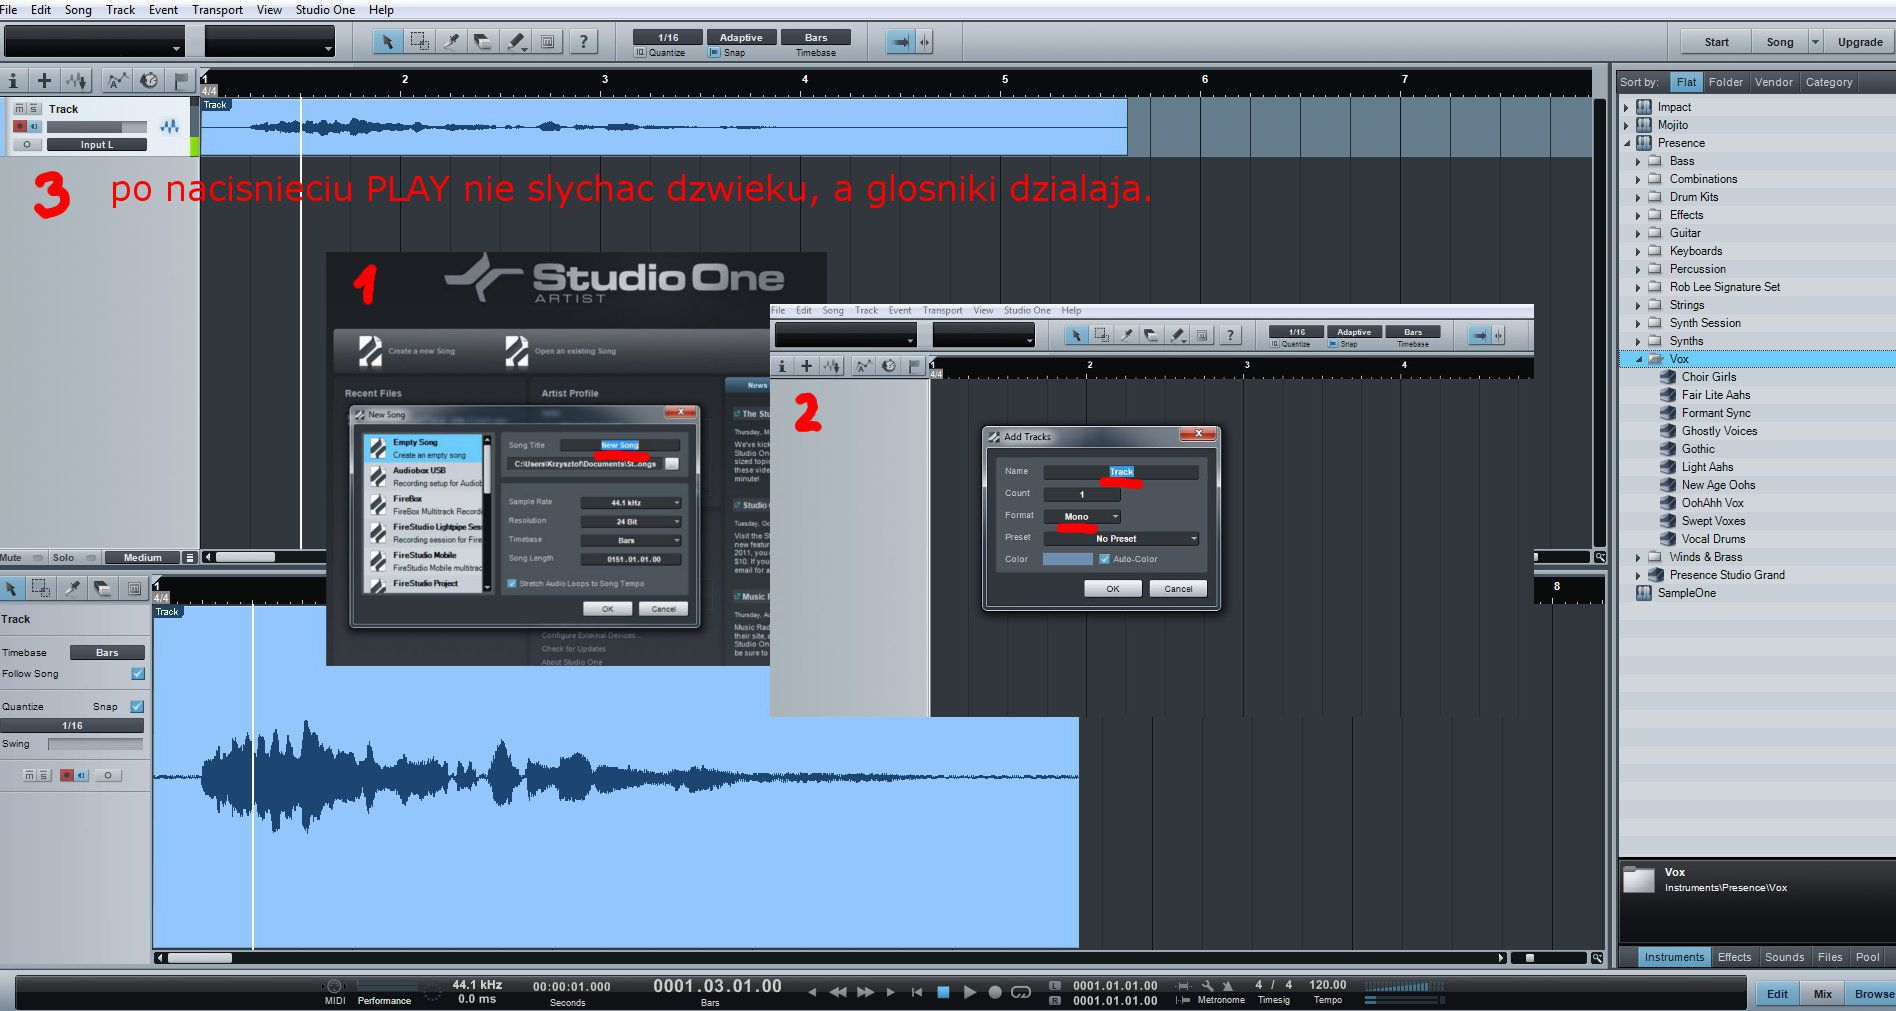 Jakie ustawienia dla mikrofonu do dubbingu w studiu.